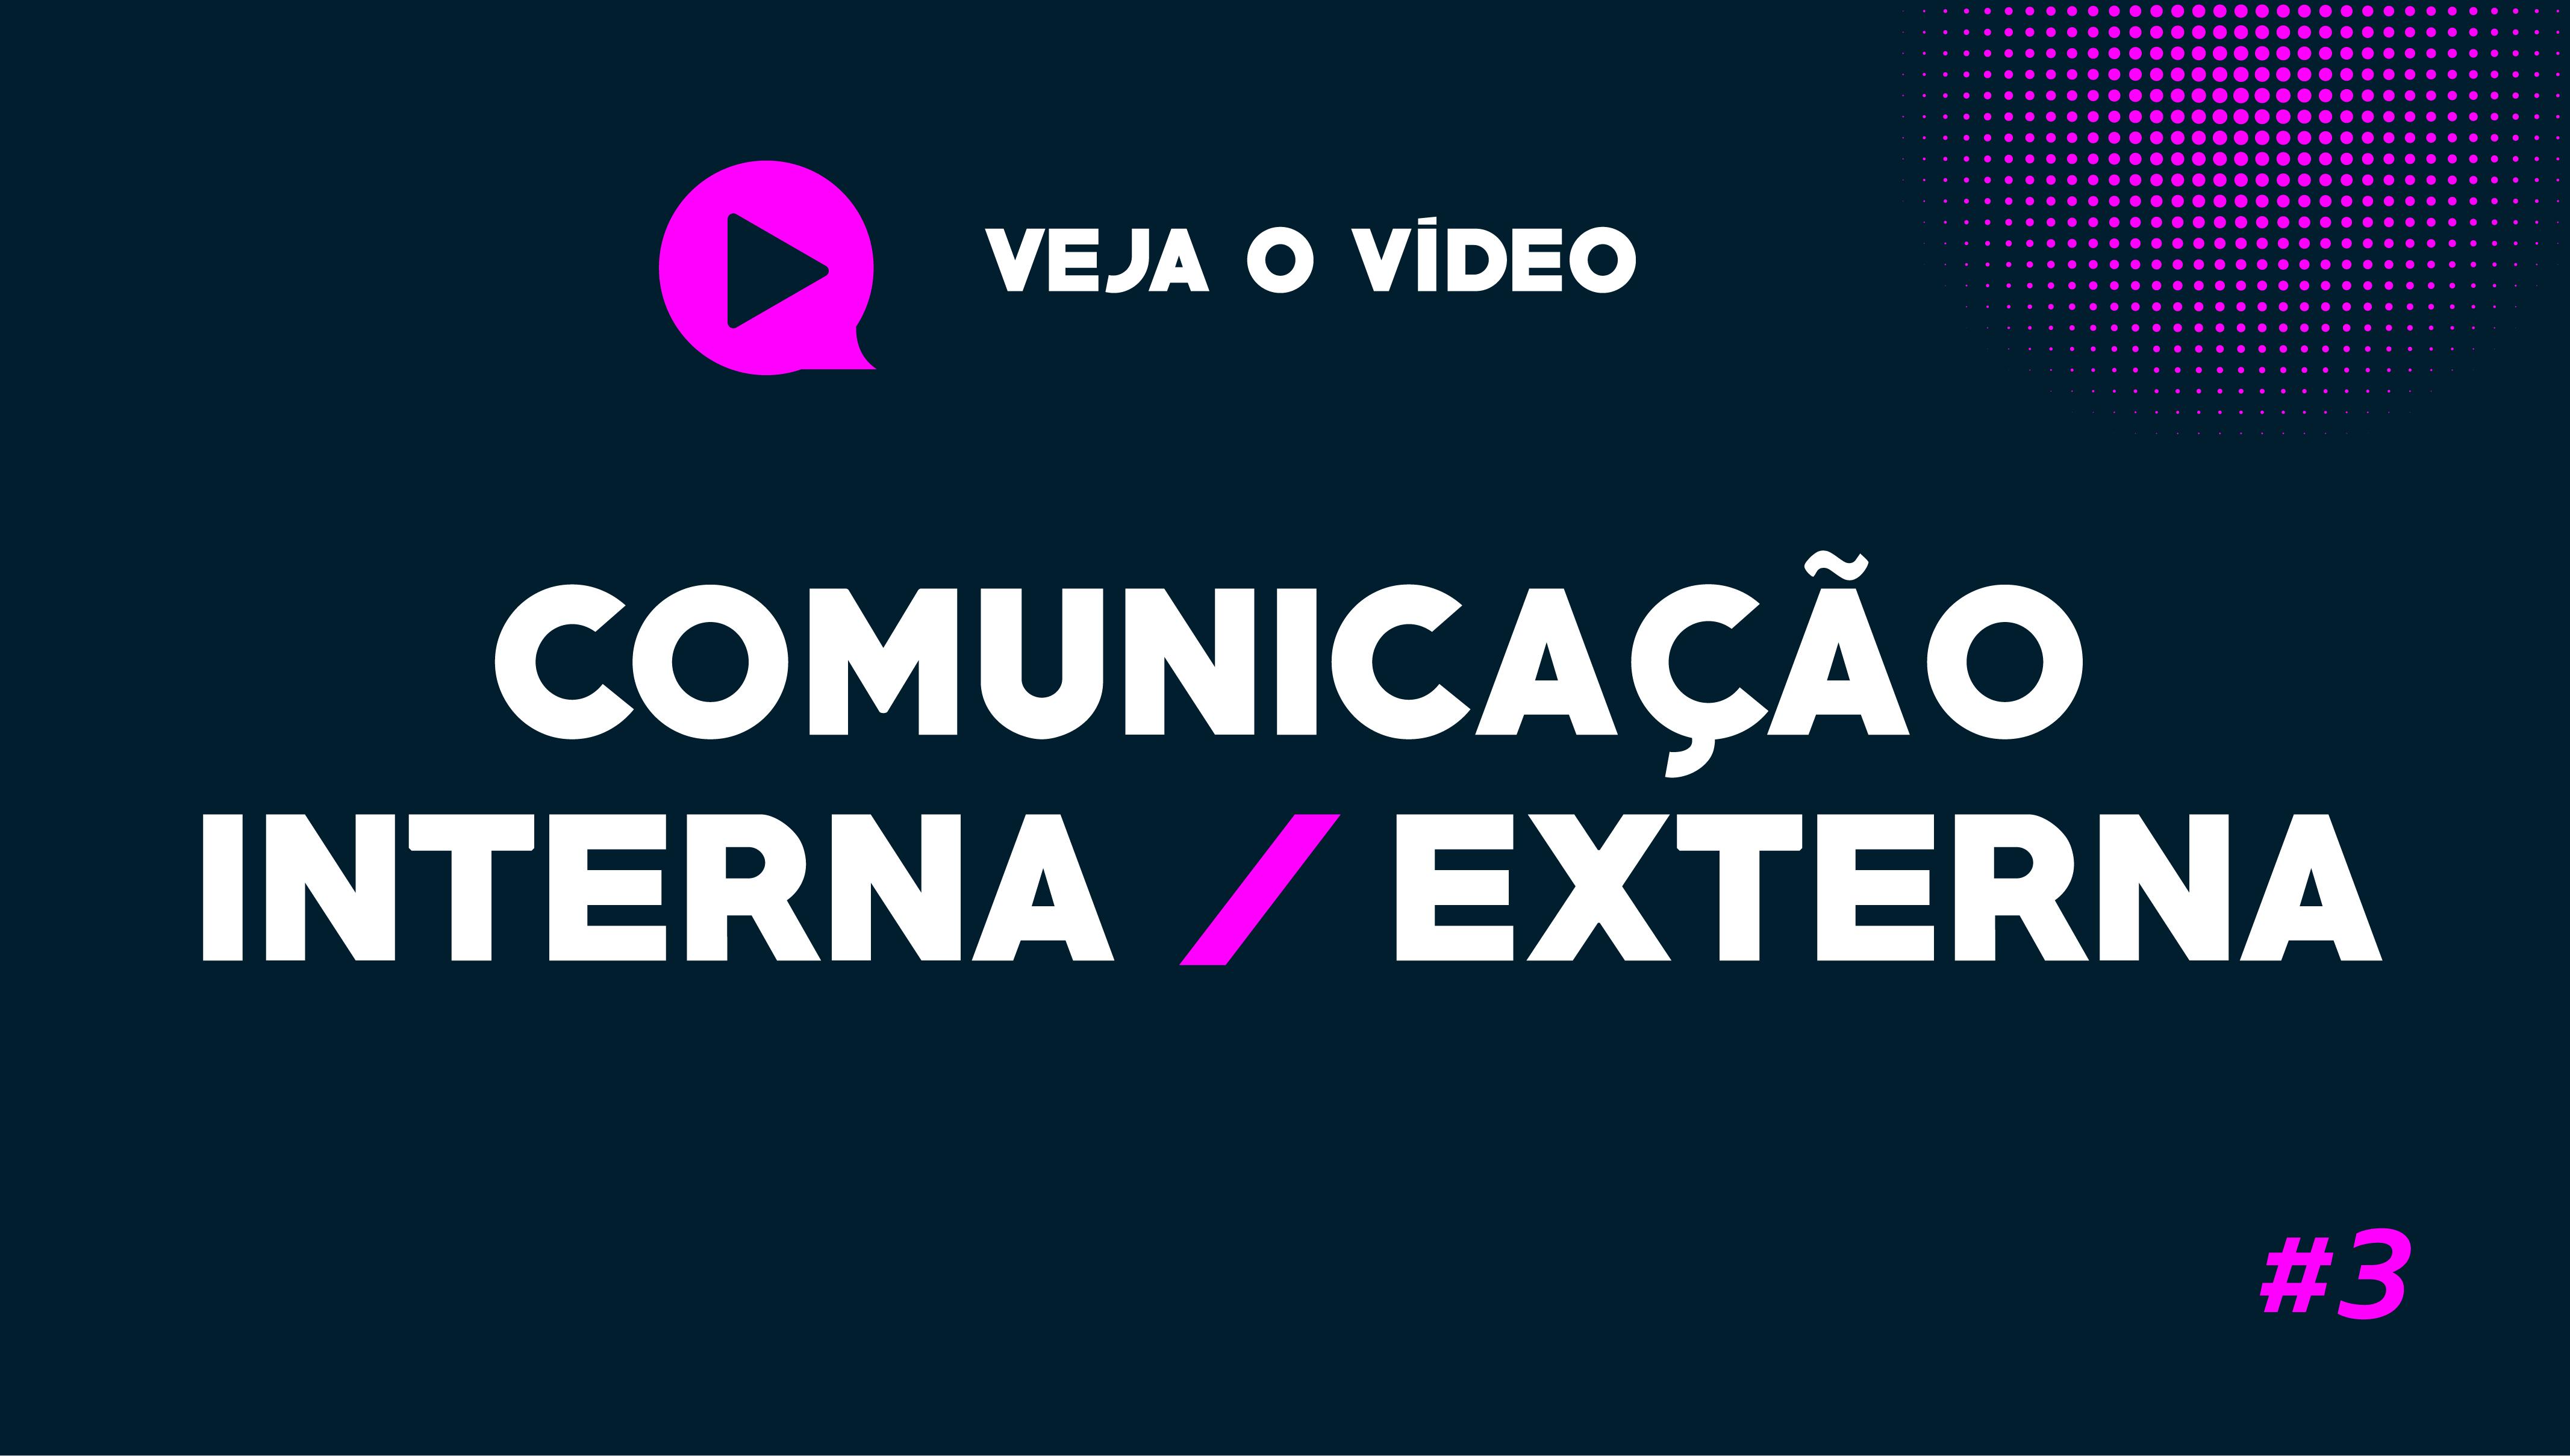 #3 Webinar: Comunicação Interna e Externa